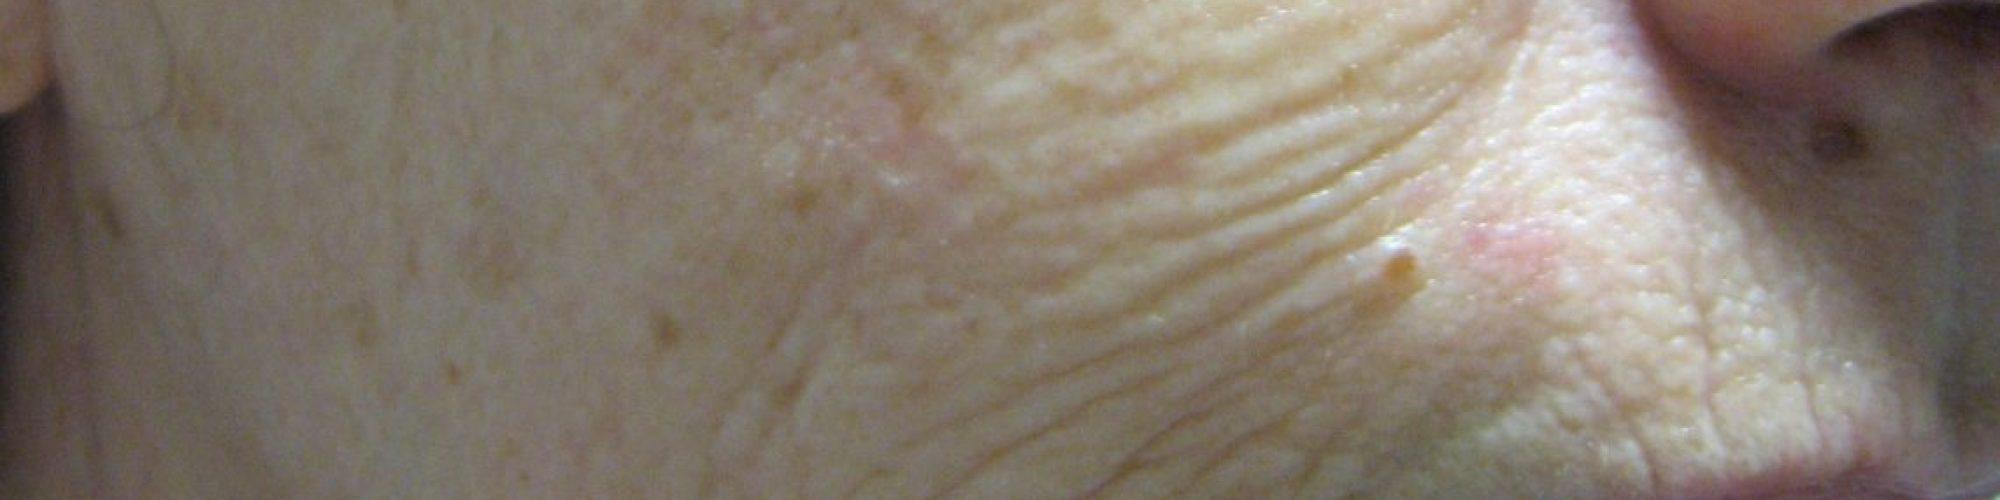 avant-laser-coupe-1140x936